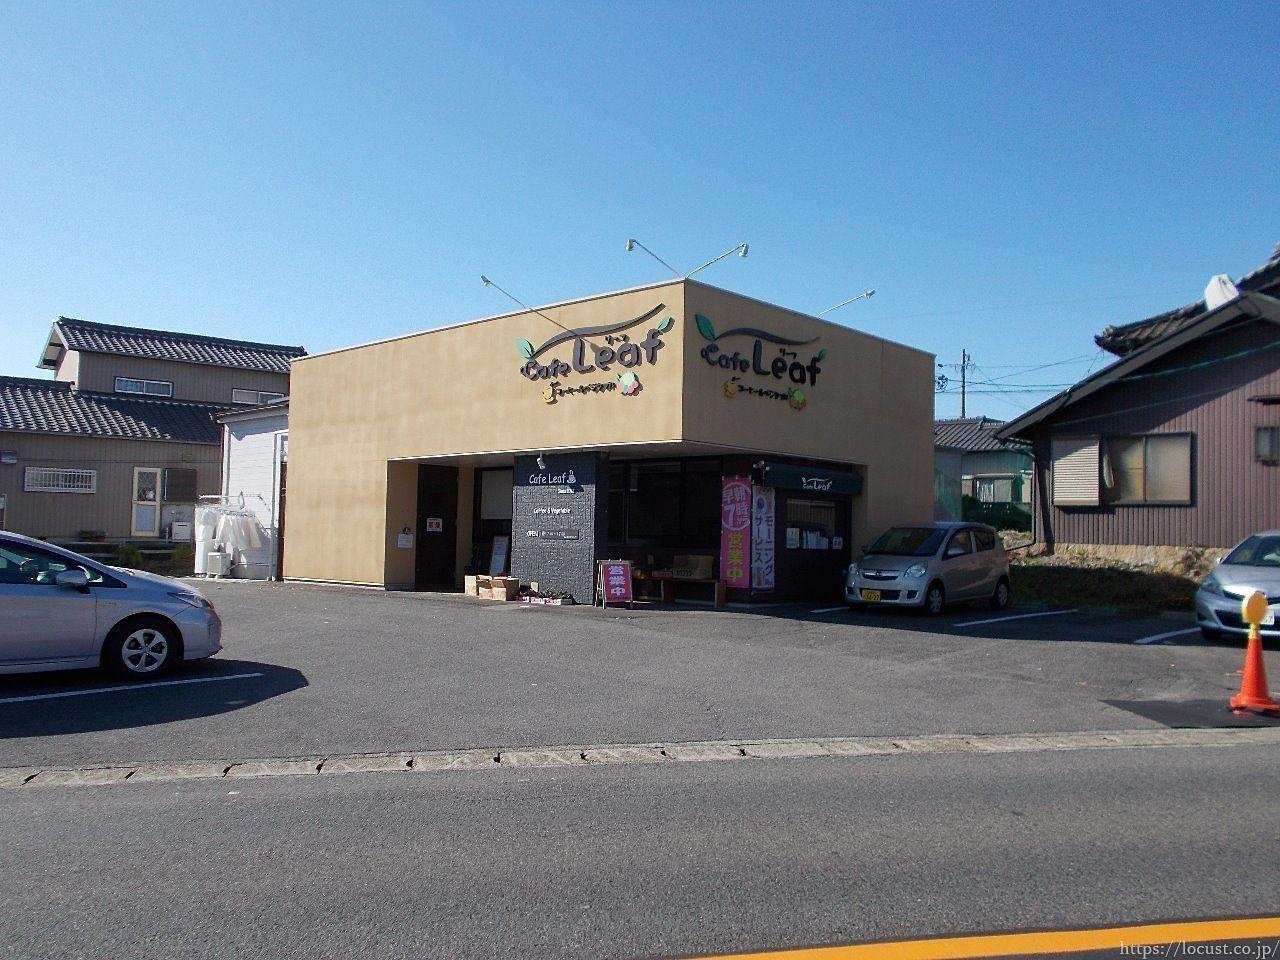 店先で果物や野菜も販売する、カフェリーフです。